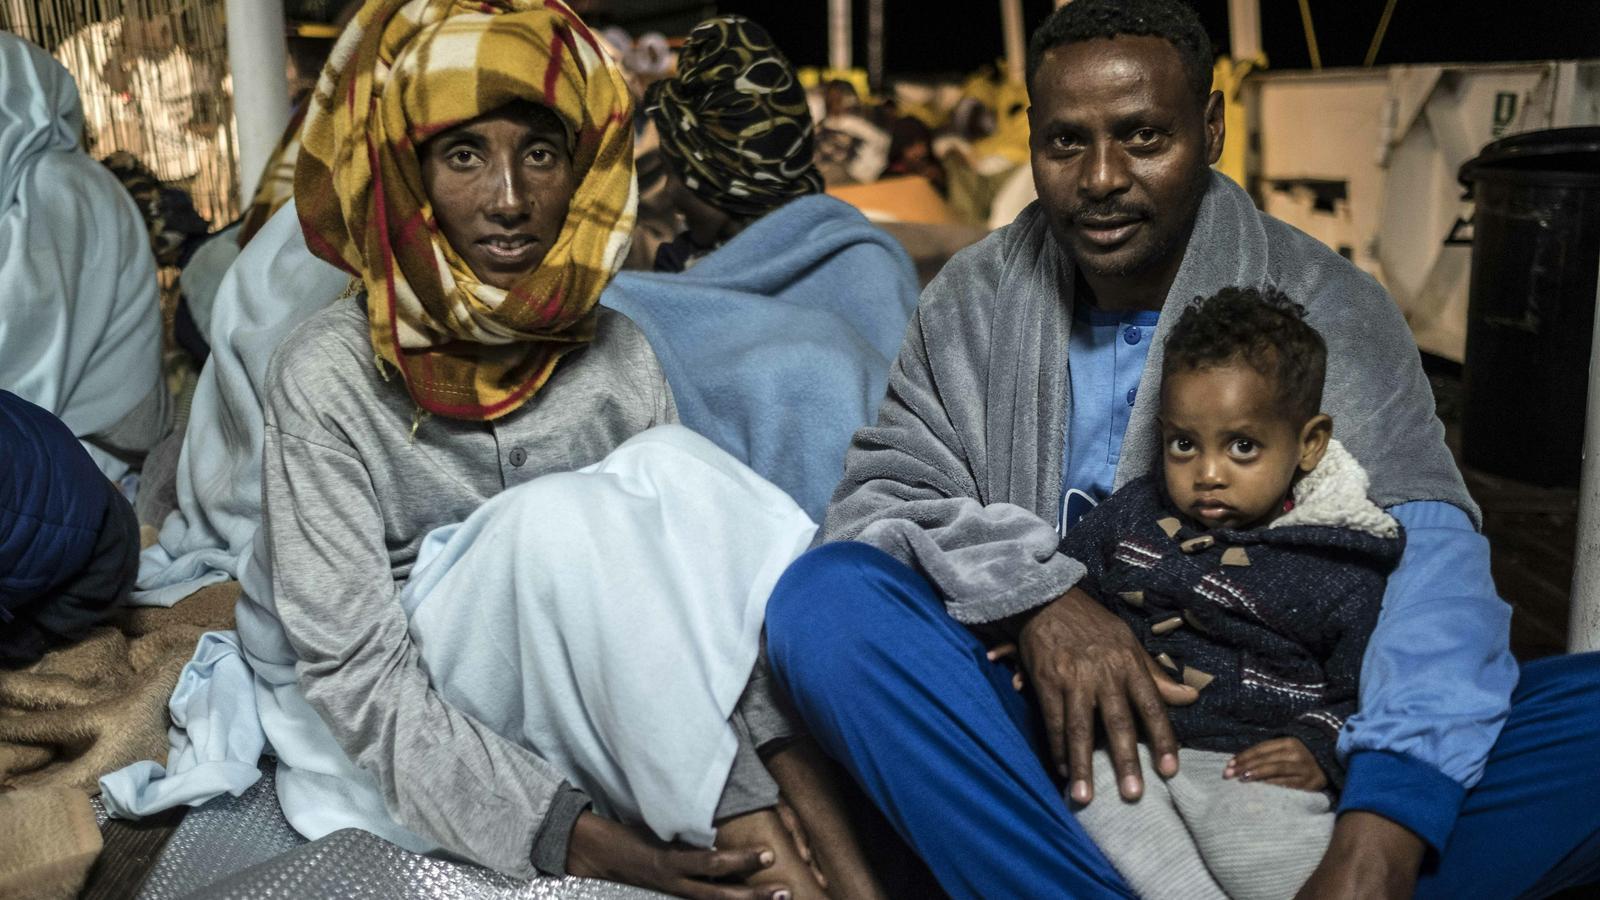 La UE finança projectes que utilitzen mà d'obra forçada a Eritrea